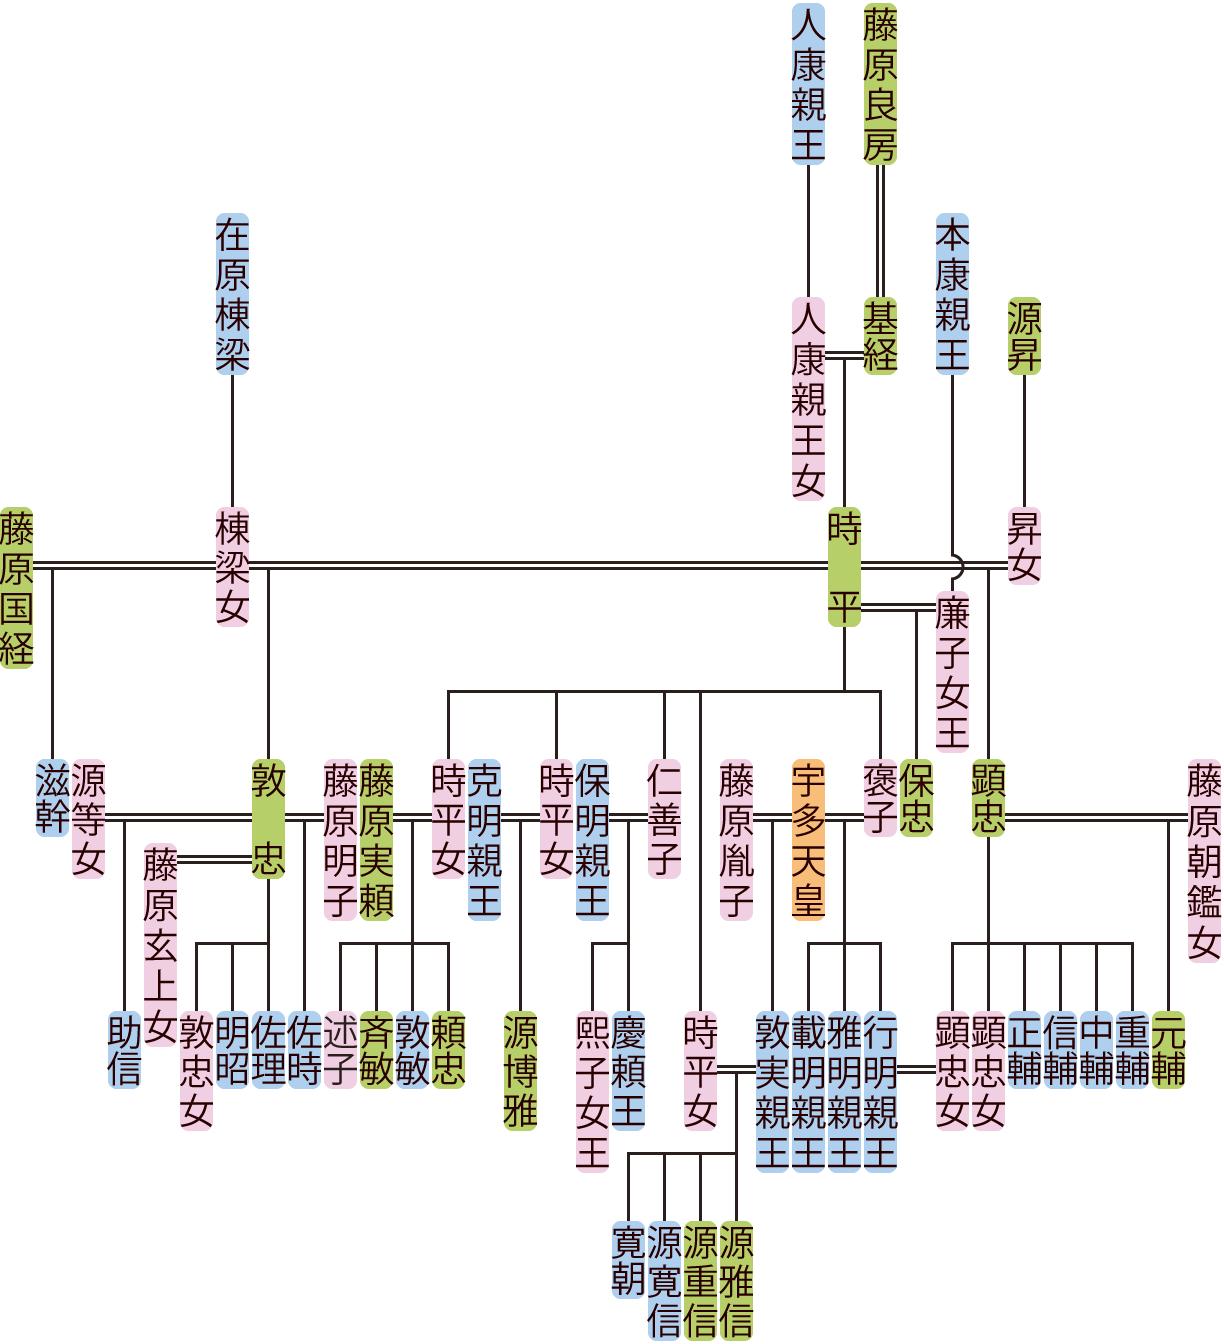 藤原時平の系図